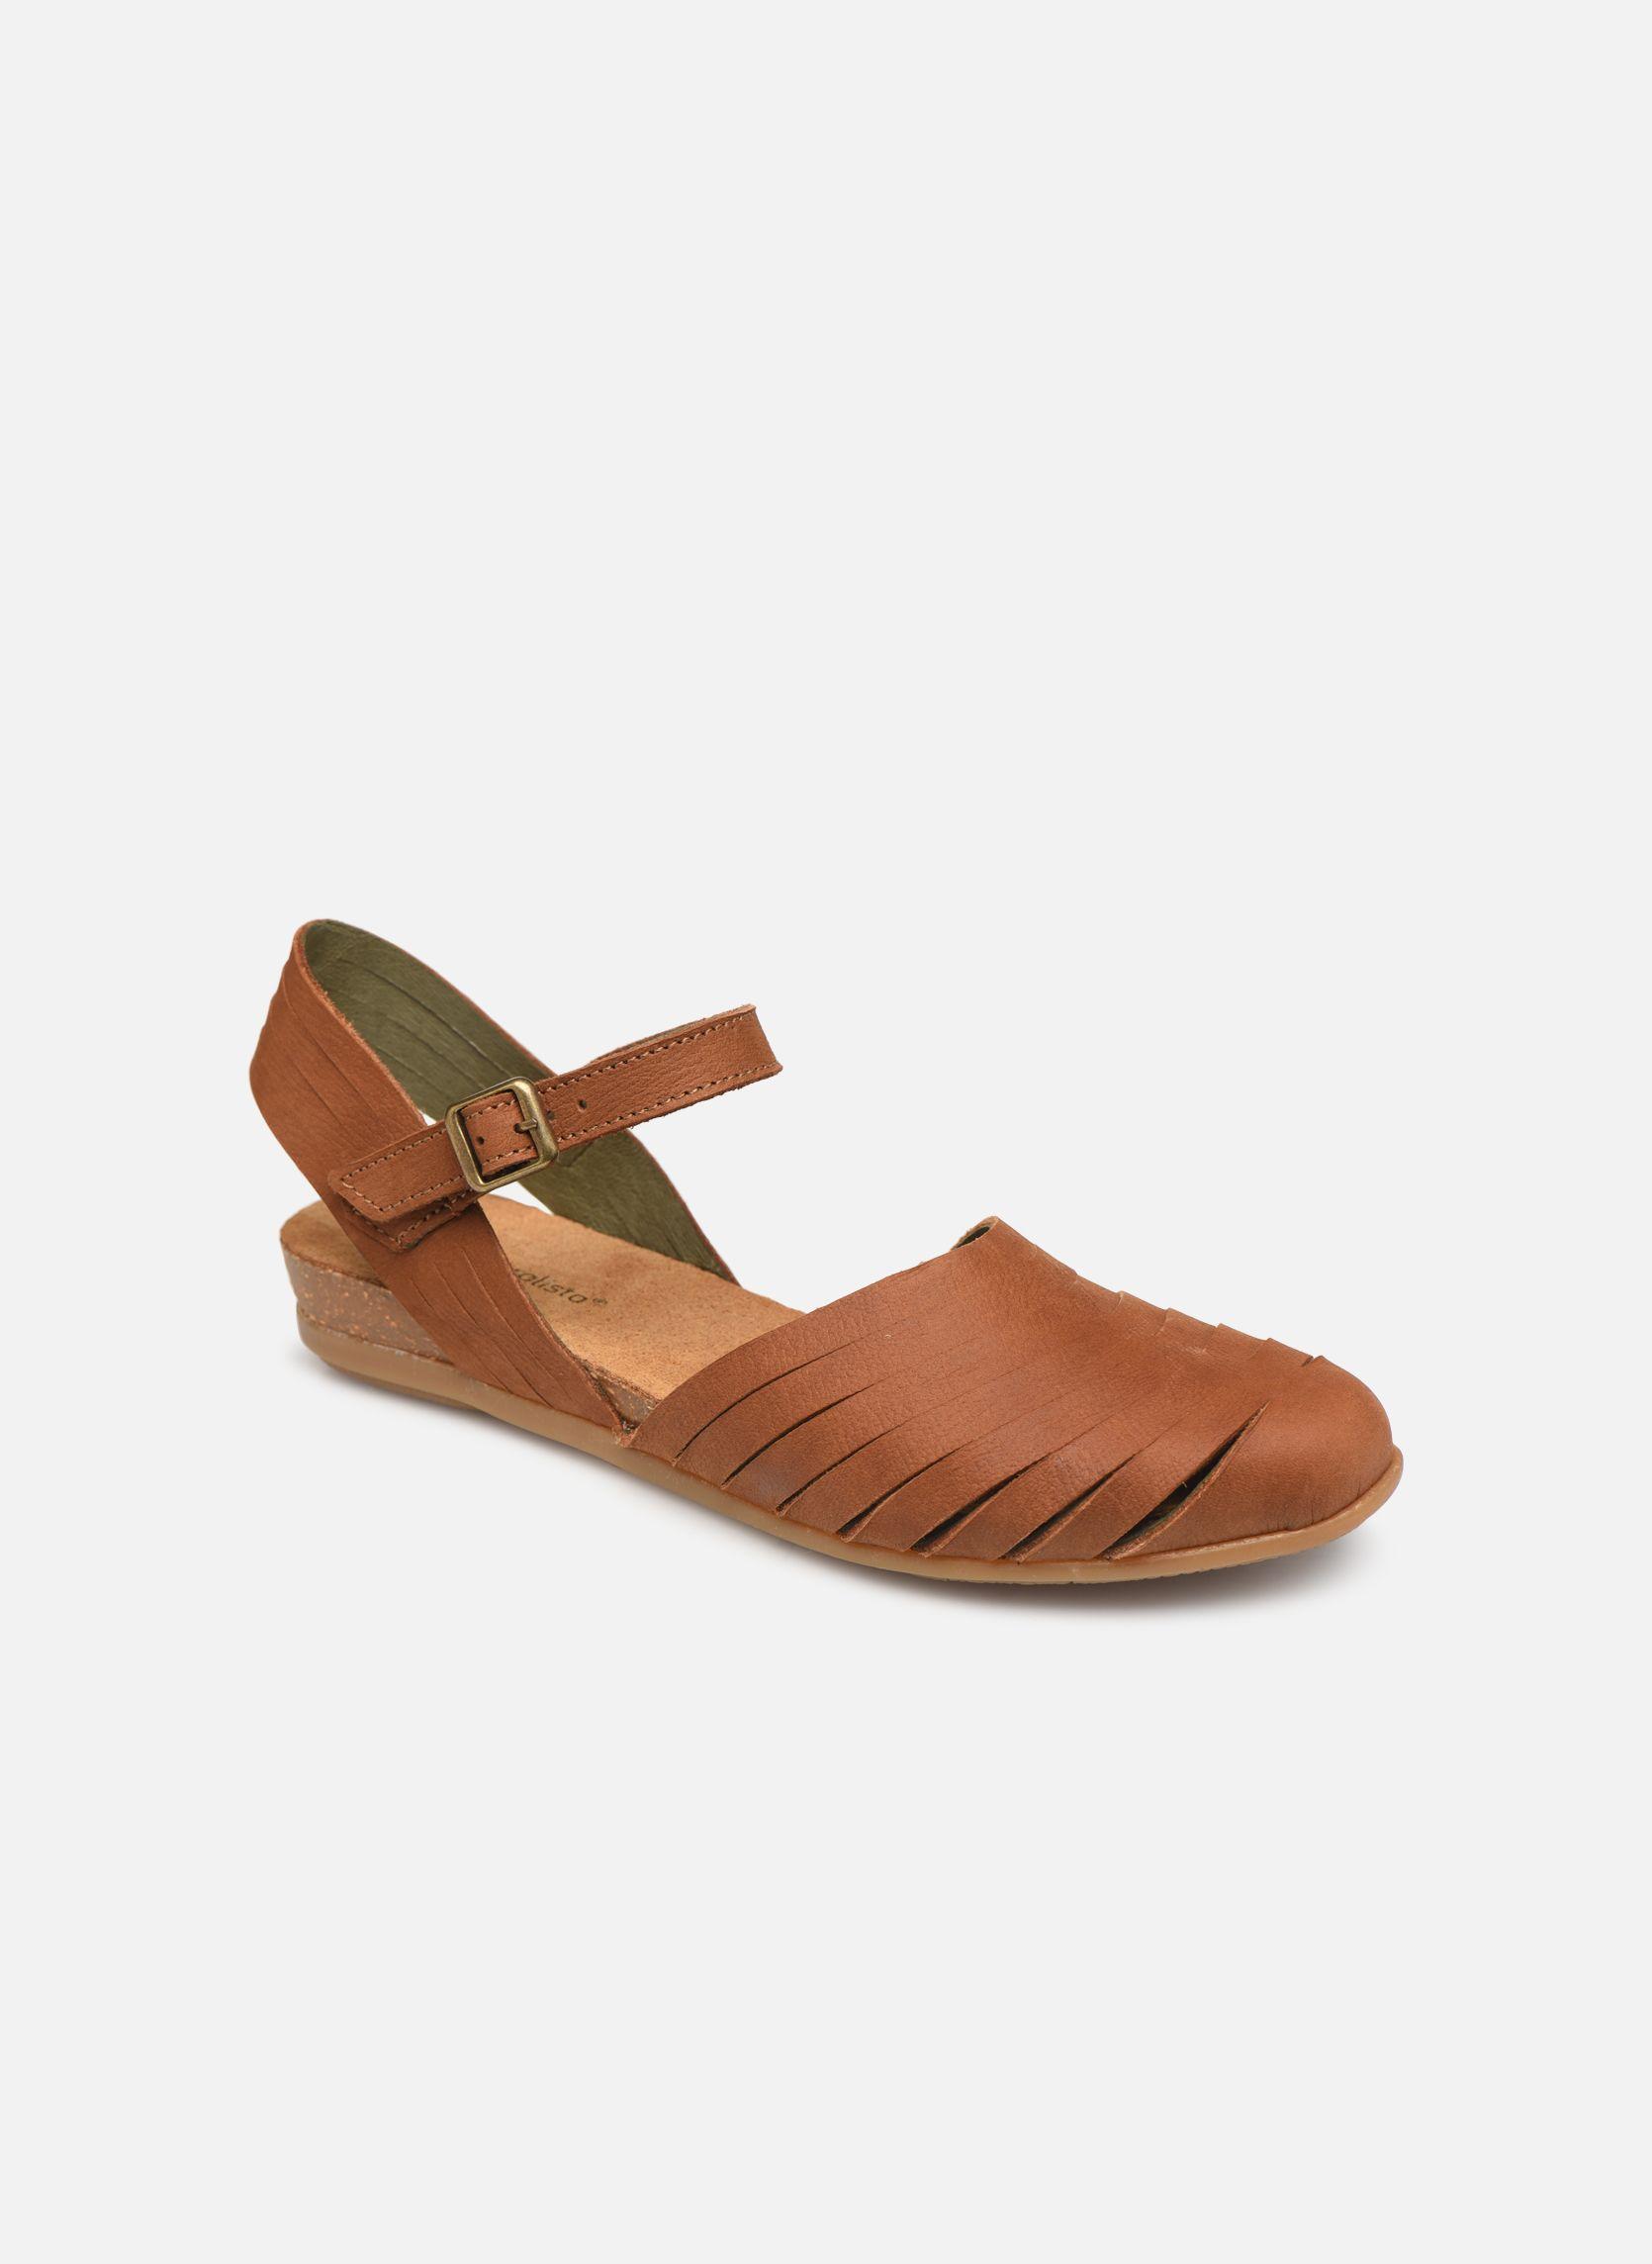 Naturalista En 2019Achatsmode El C Stella N5201 SandalsFlats mwNny8vOP0